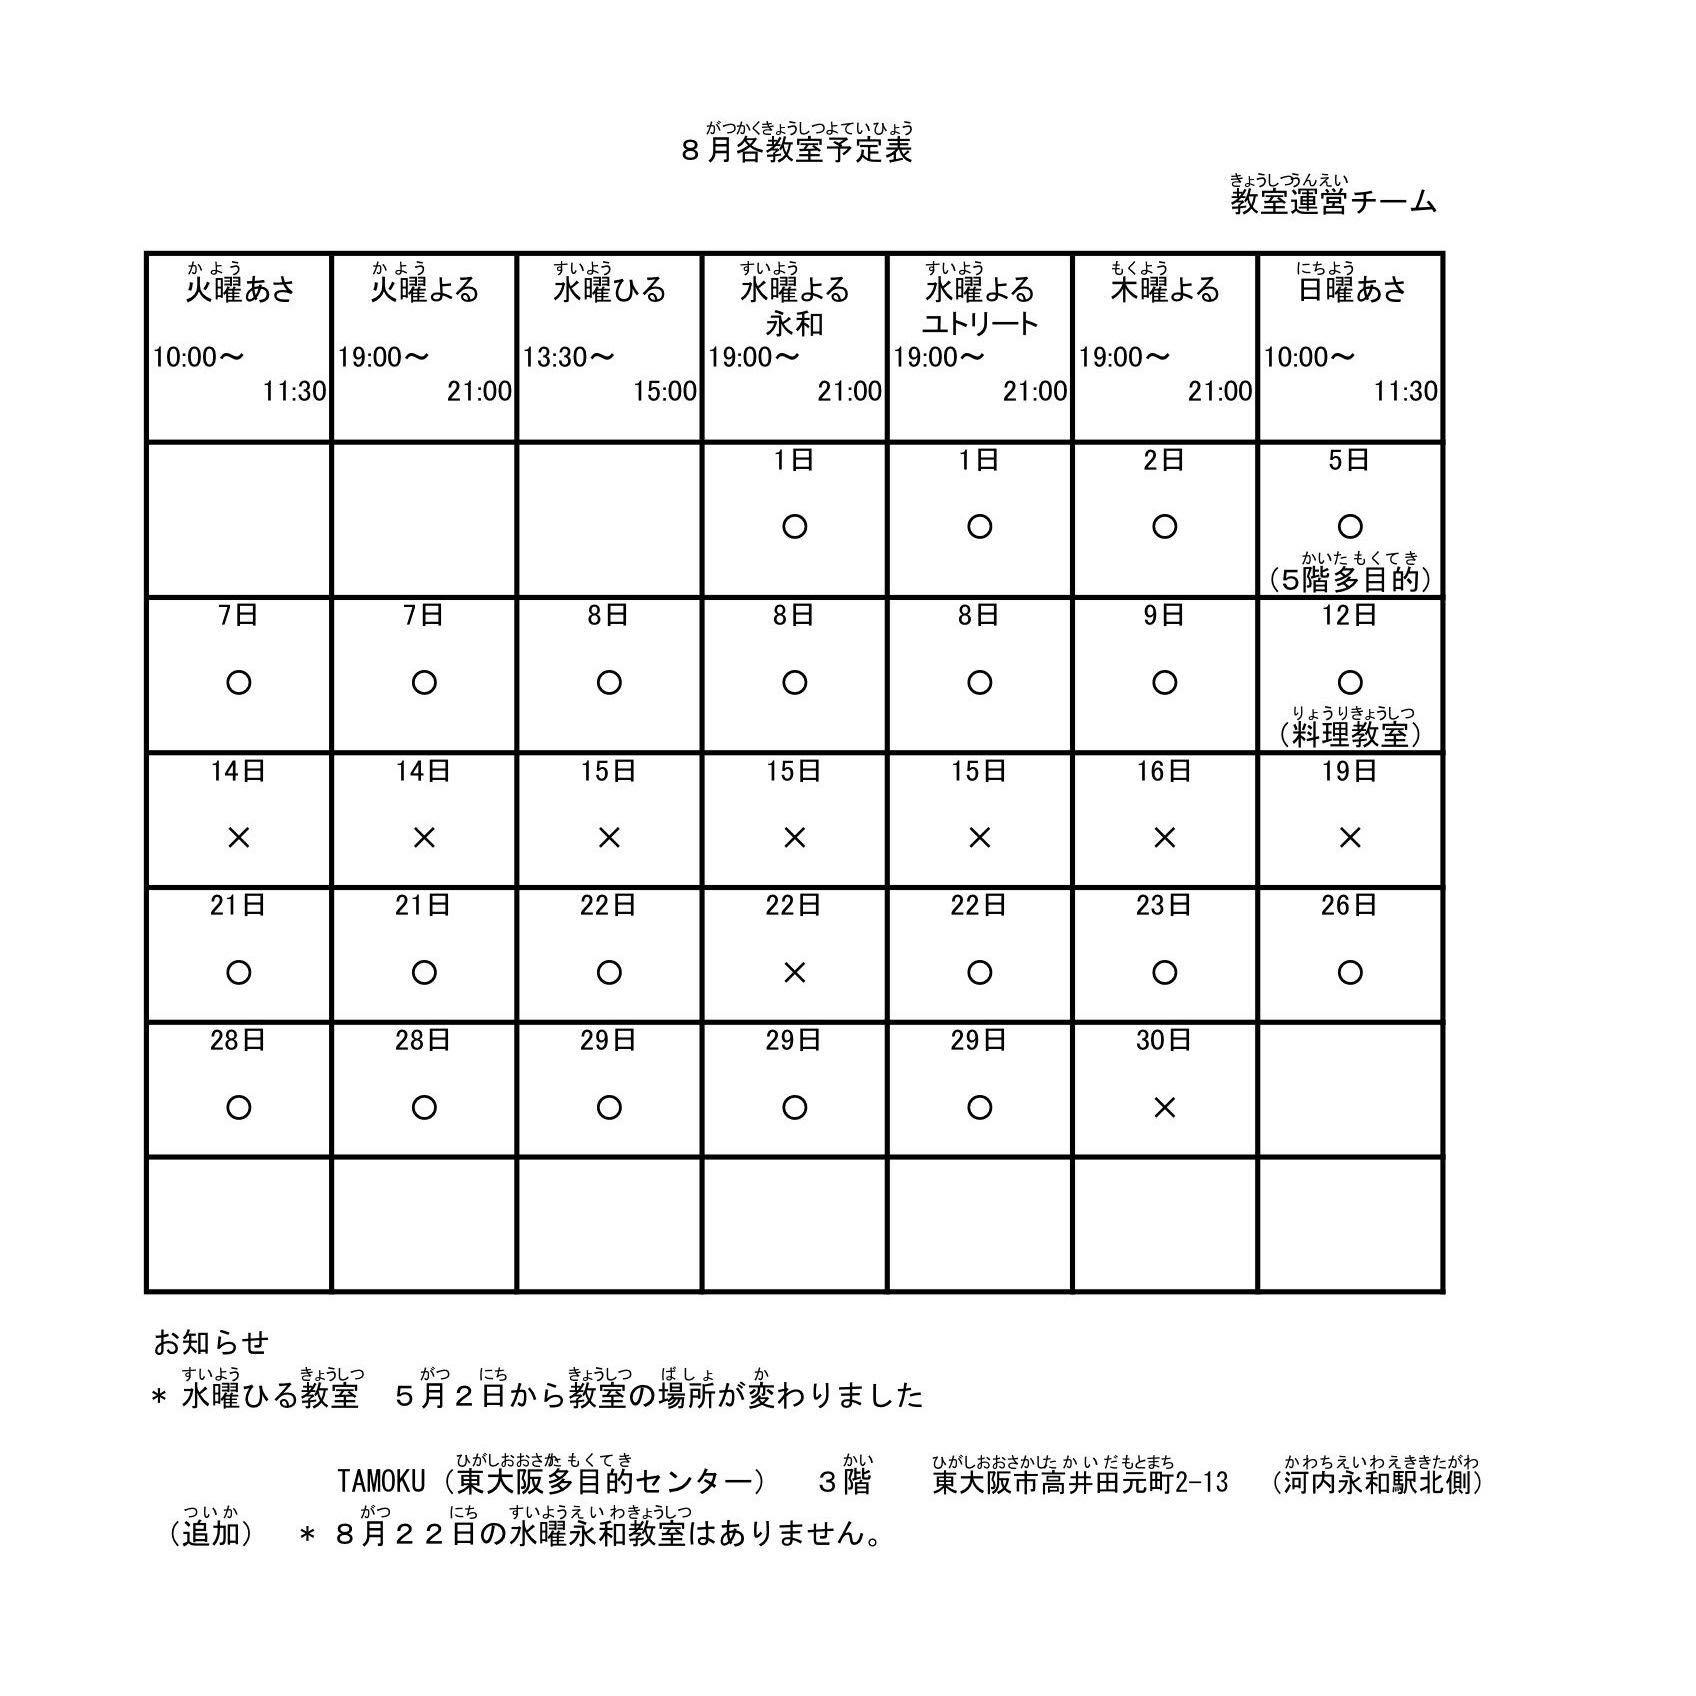 8月教室予定表_e0175020_10171963.jpg